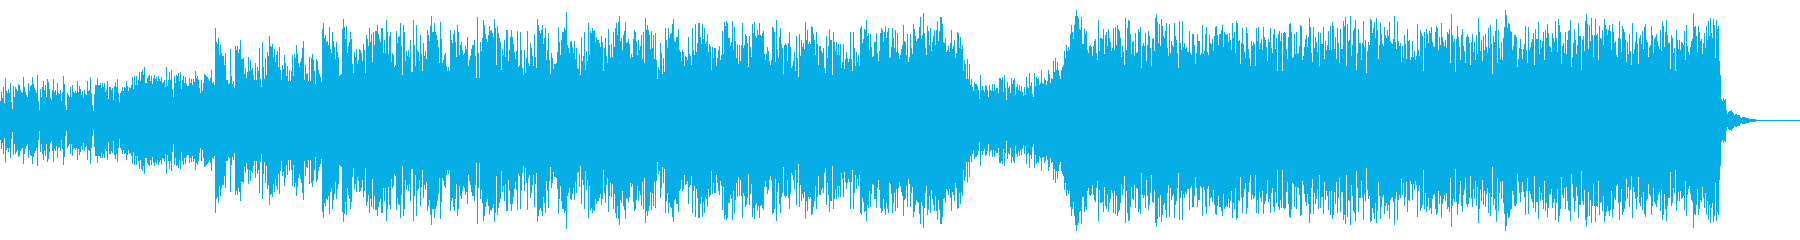 緊張感オカルト感のある力強い曲(ホラー)の再生済みの波形